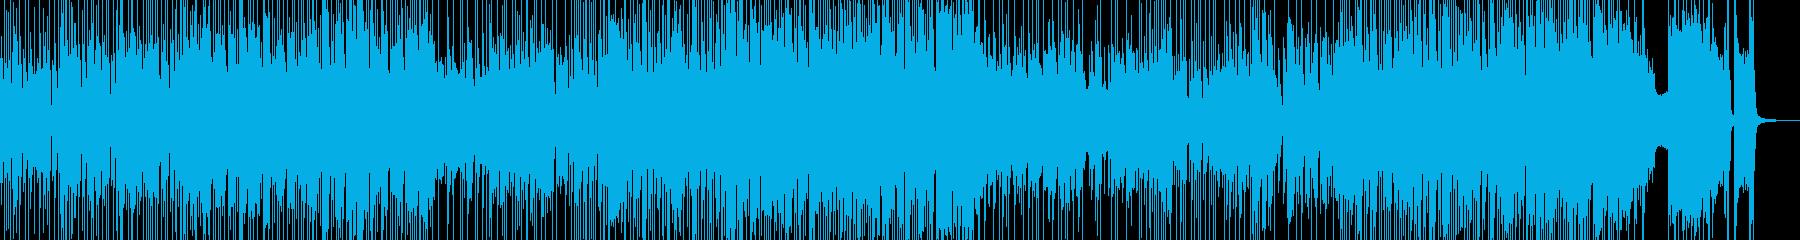 ドライブしたくなるジャズポップ 長尺の再生済みの波形